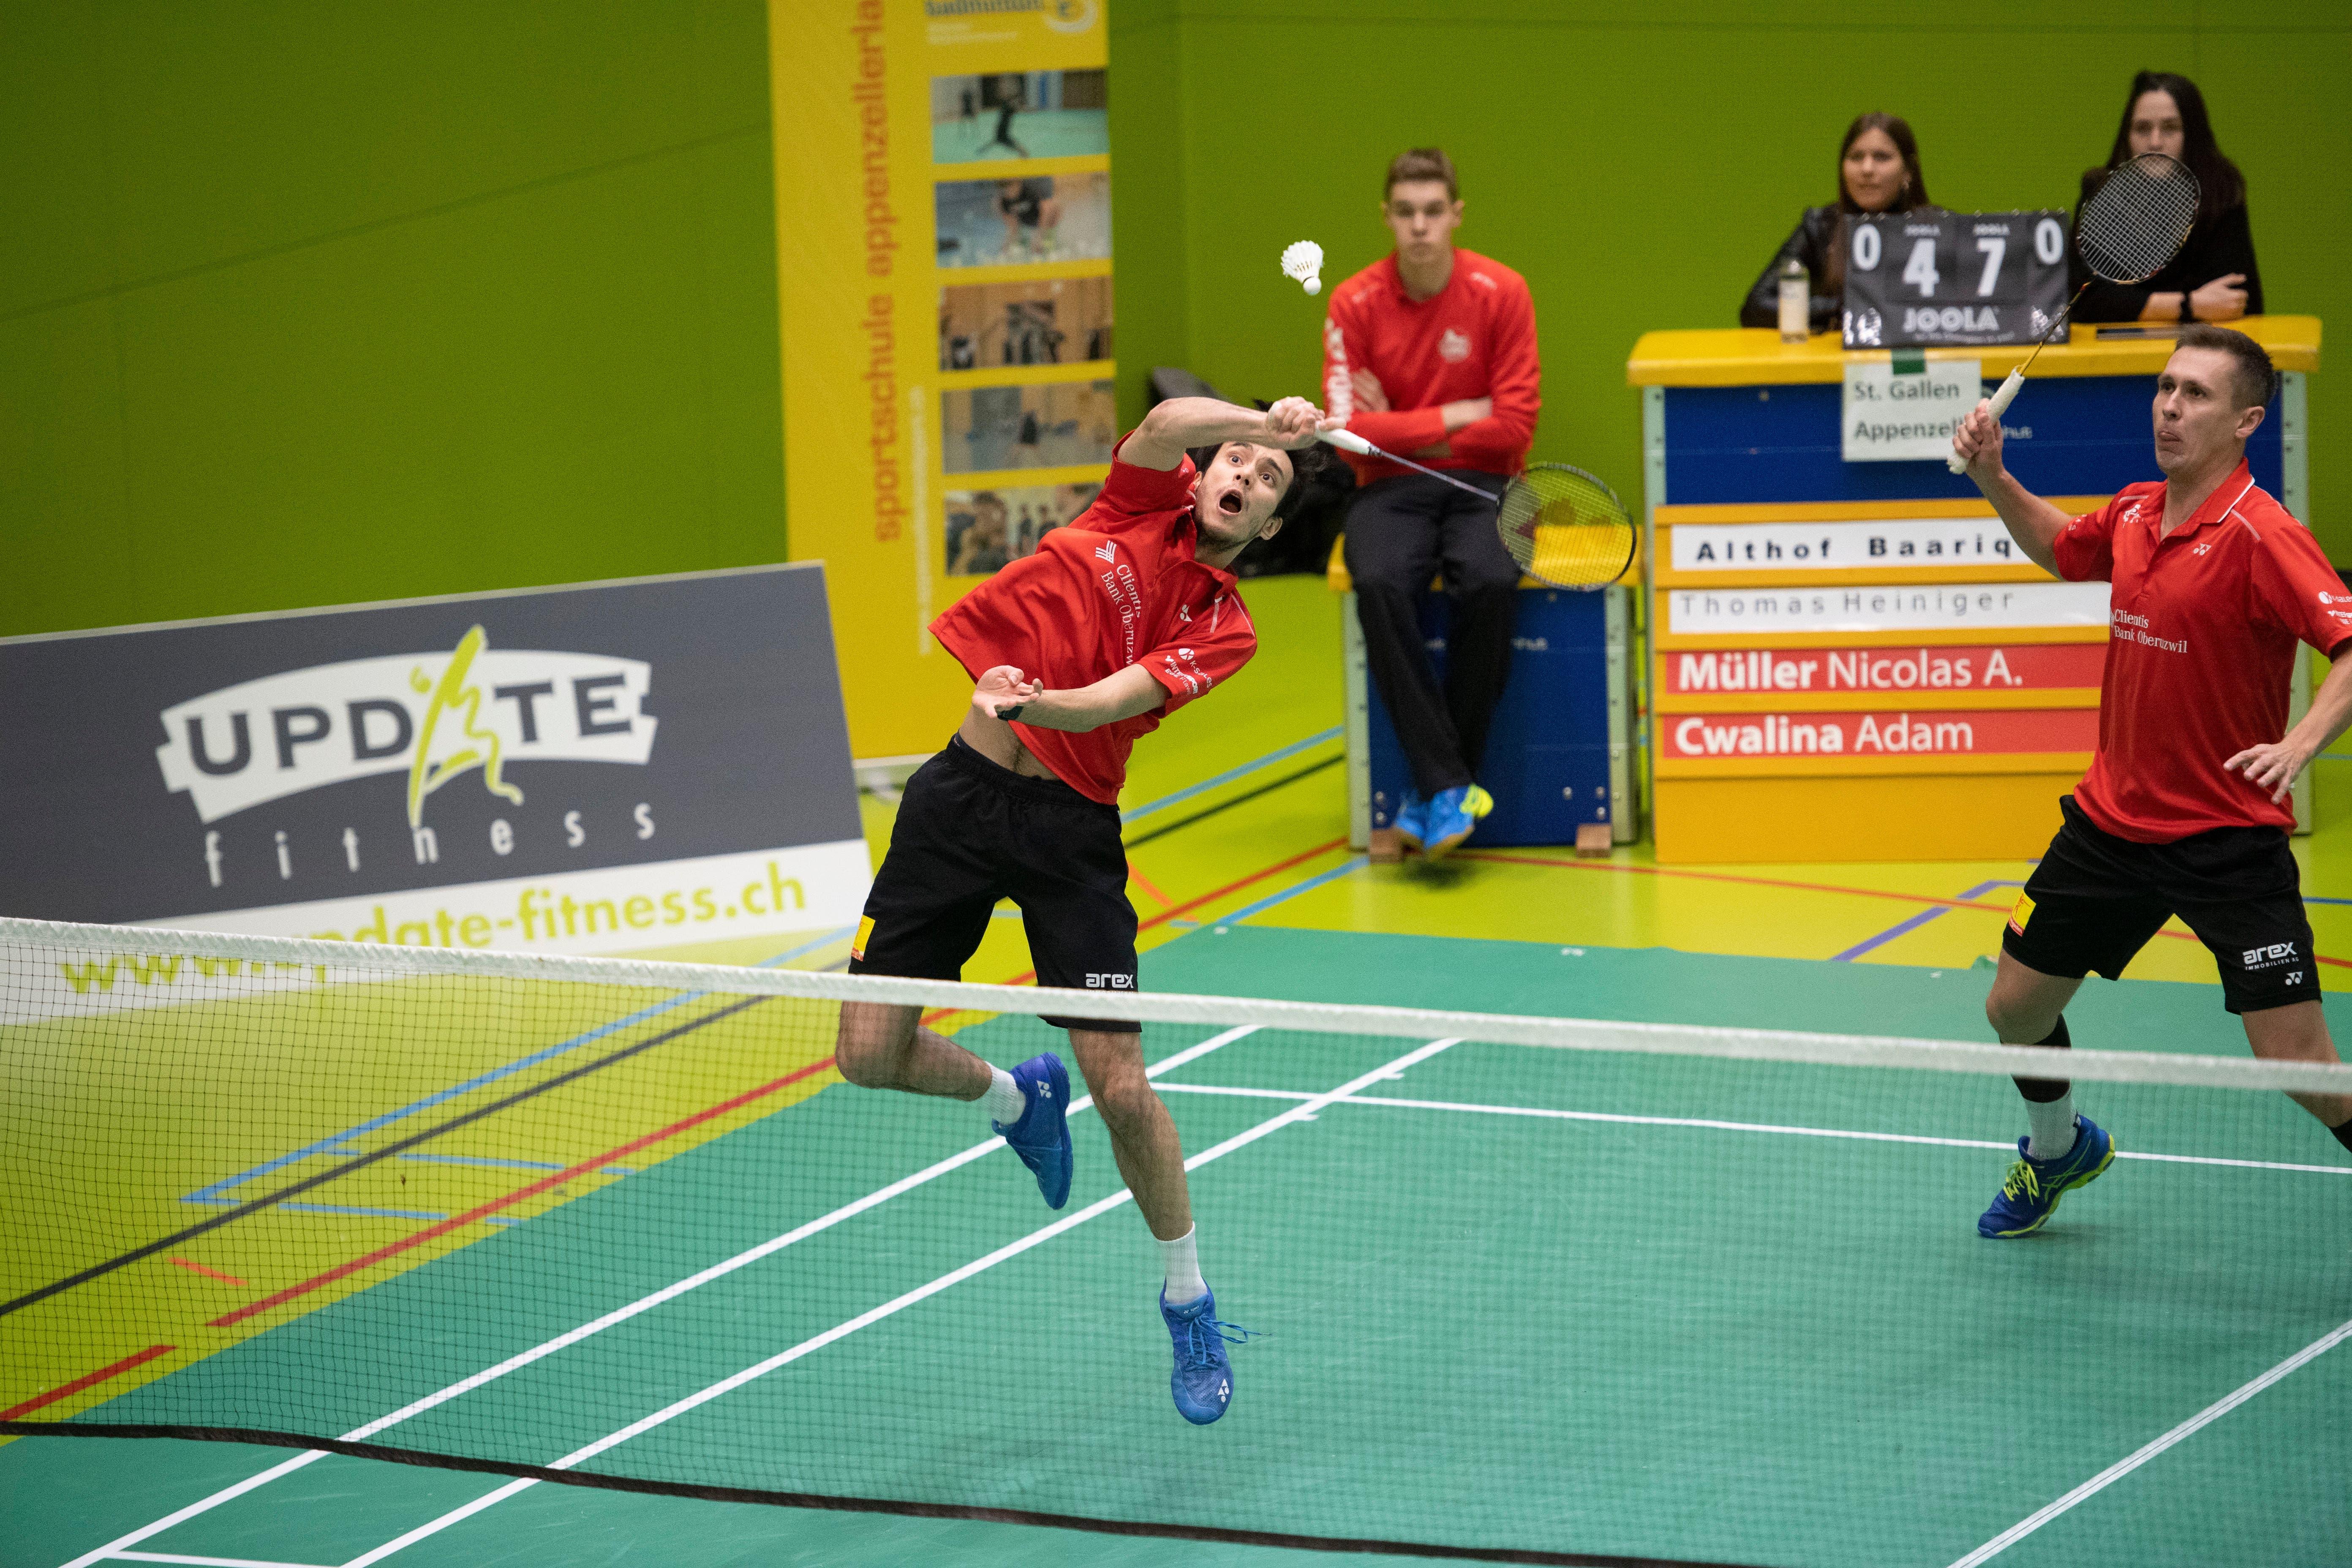 Gleiches gilt für Nicolas A. Müller, hier im Doppel mit dem Polen Adam Cwalina gegen St. Gallen-Appenzell.